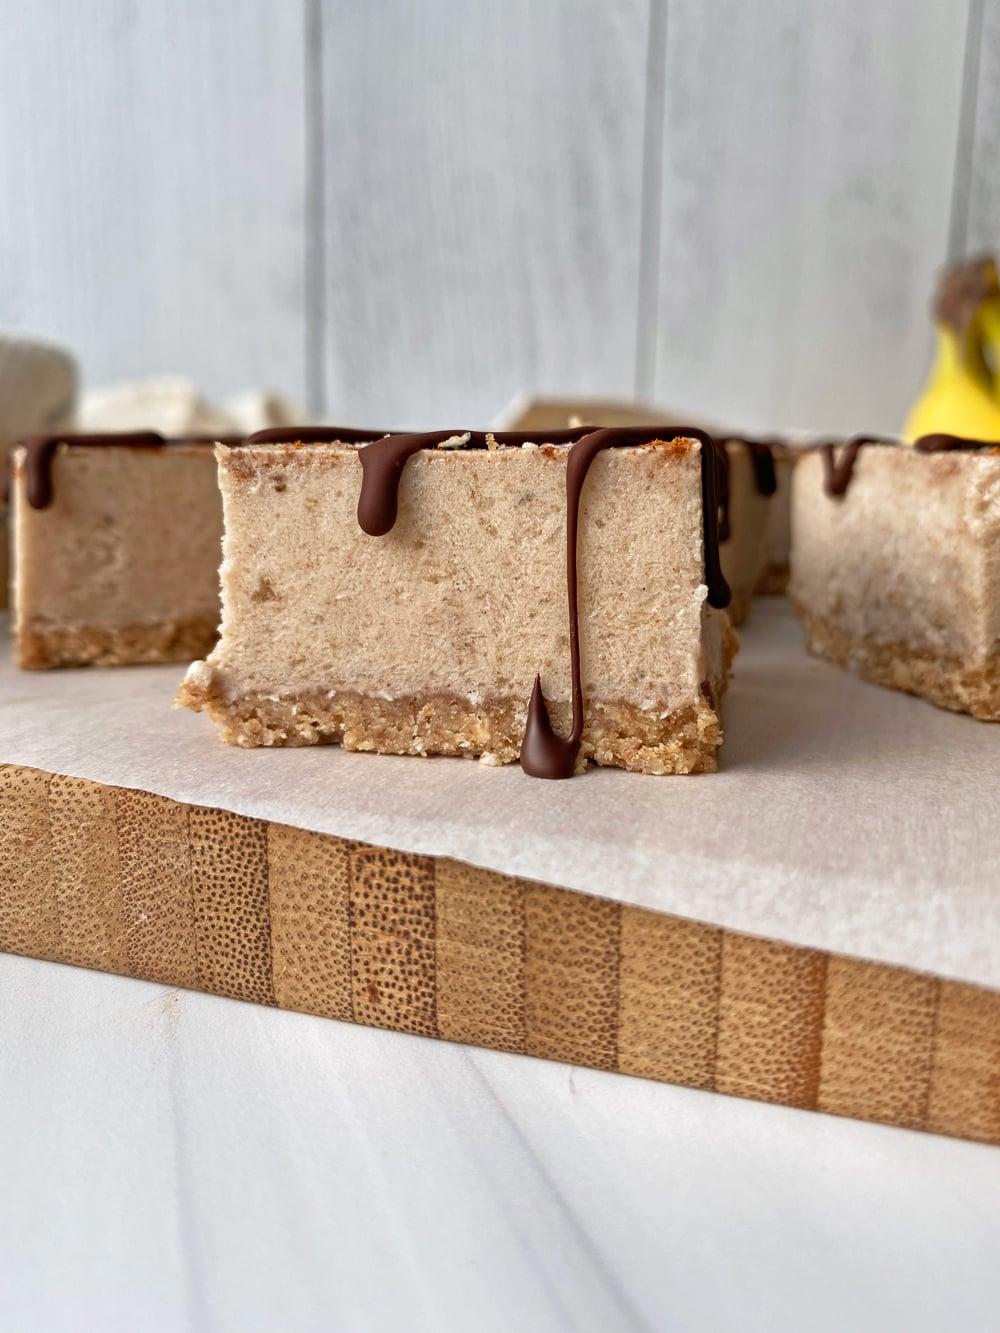 healthy-no-bake-banana-bars